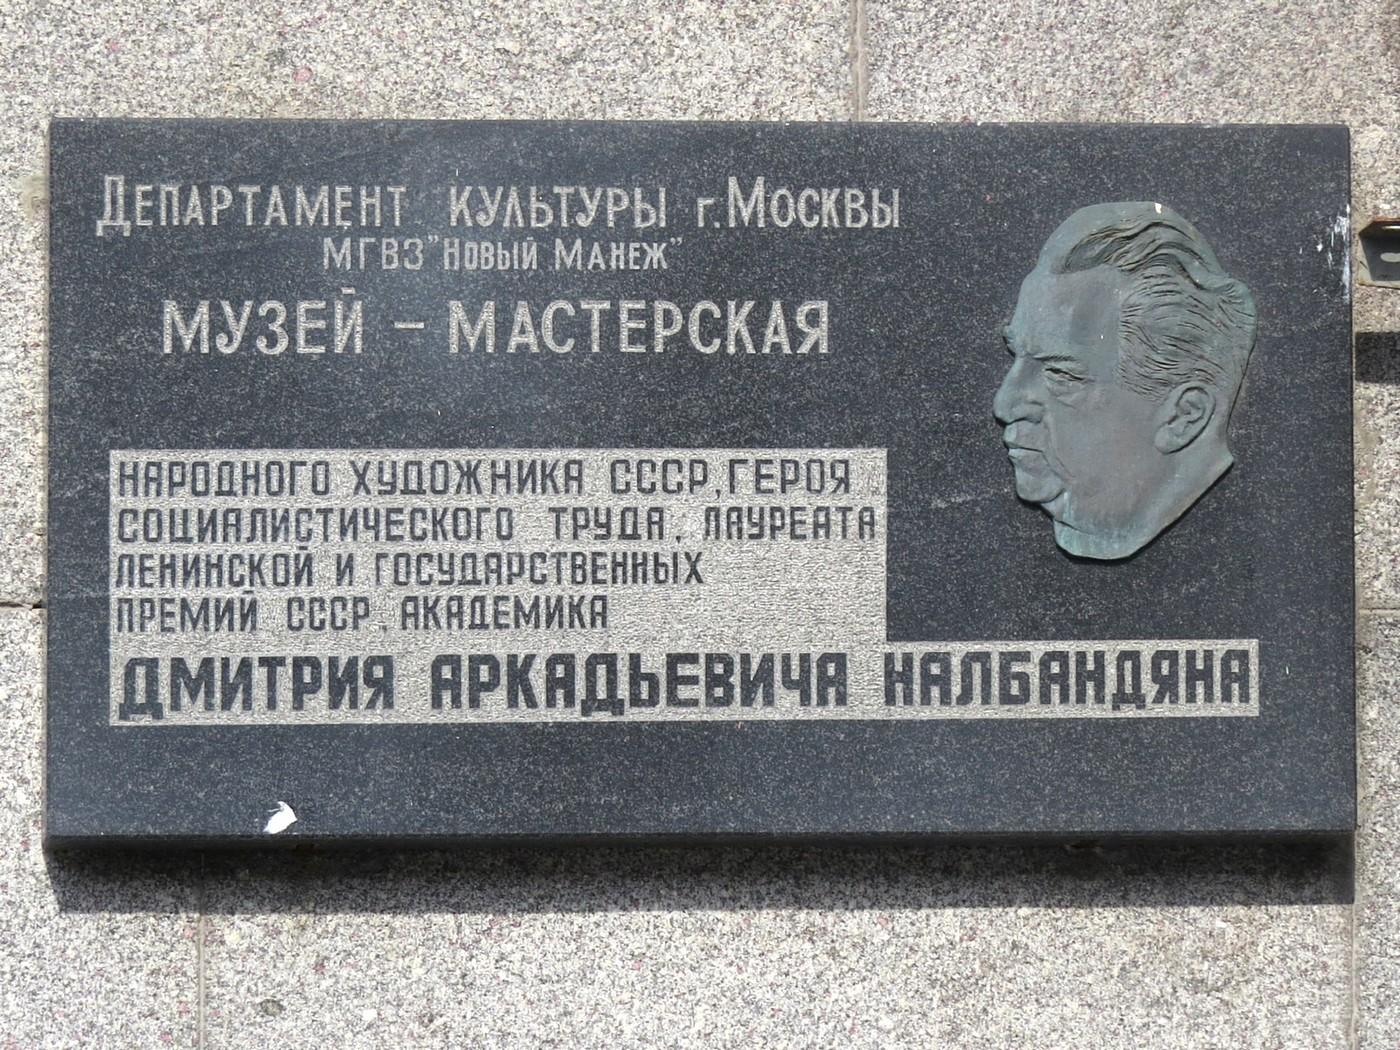 Музей-мастерская народного художника СССР Д. А. Налбандяна (Москва)